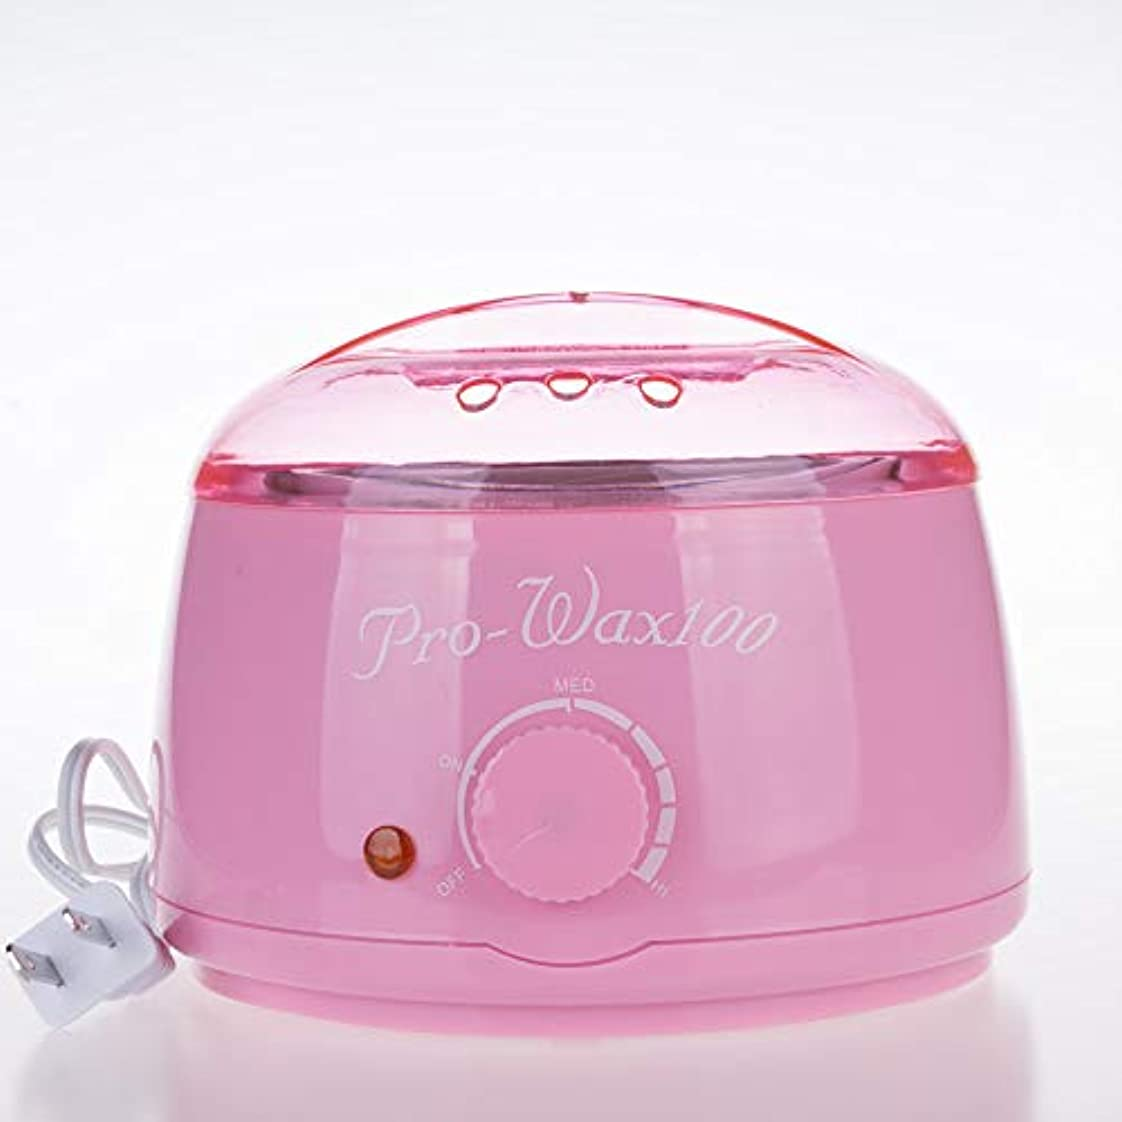 レギュラー神いらいらするワックスウォーマー、フェイシャル&ビキニエリア&脇の下用ポータブル電気脱毛キット-温かい電気ワックスヒーター、美容用ワックス、,ピンク